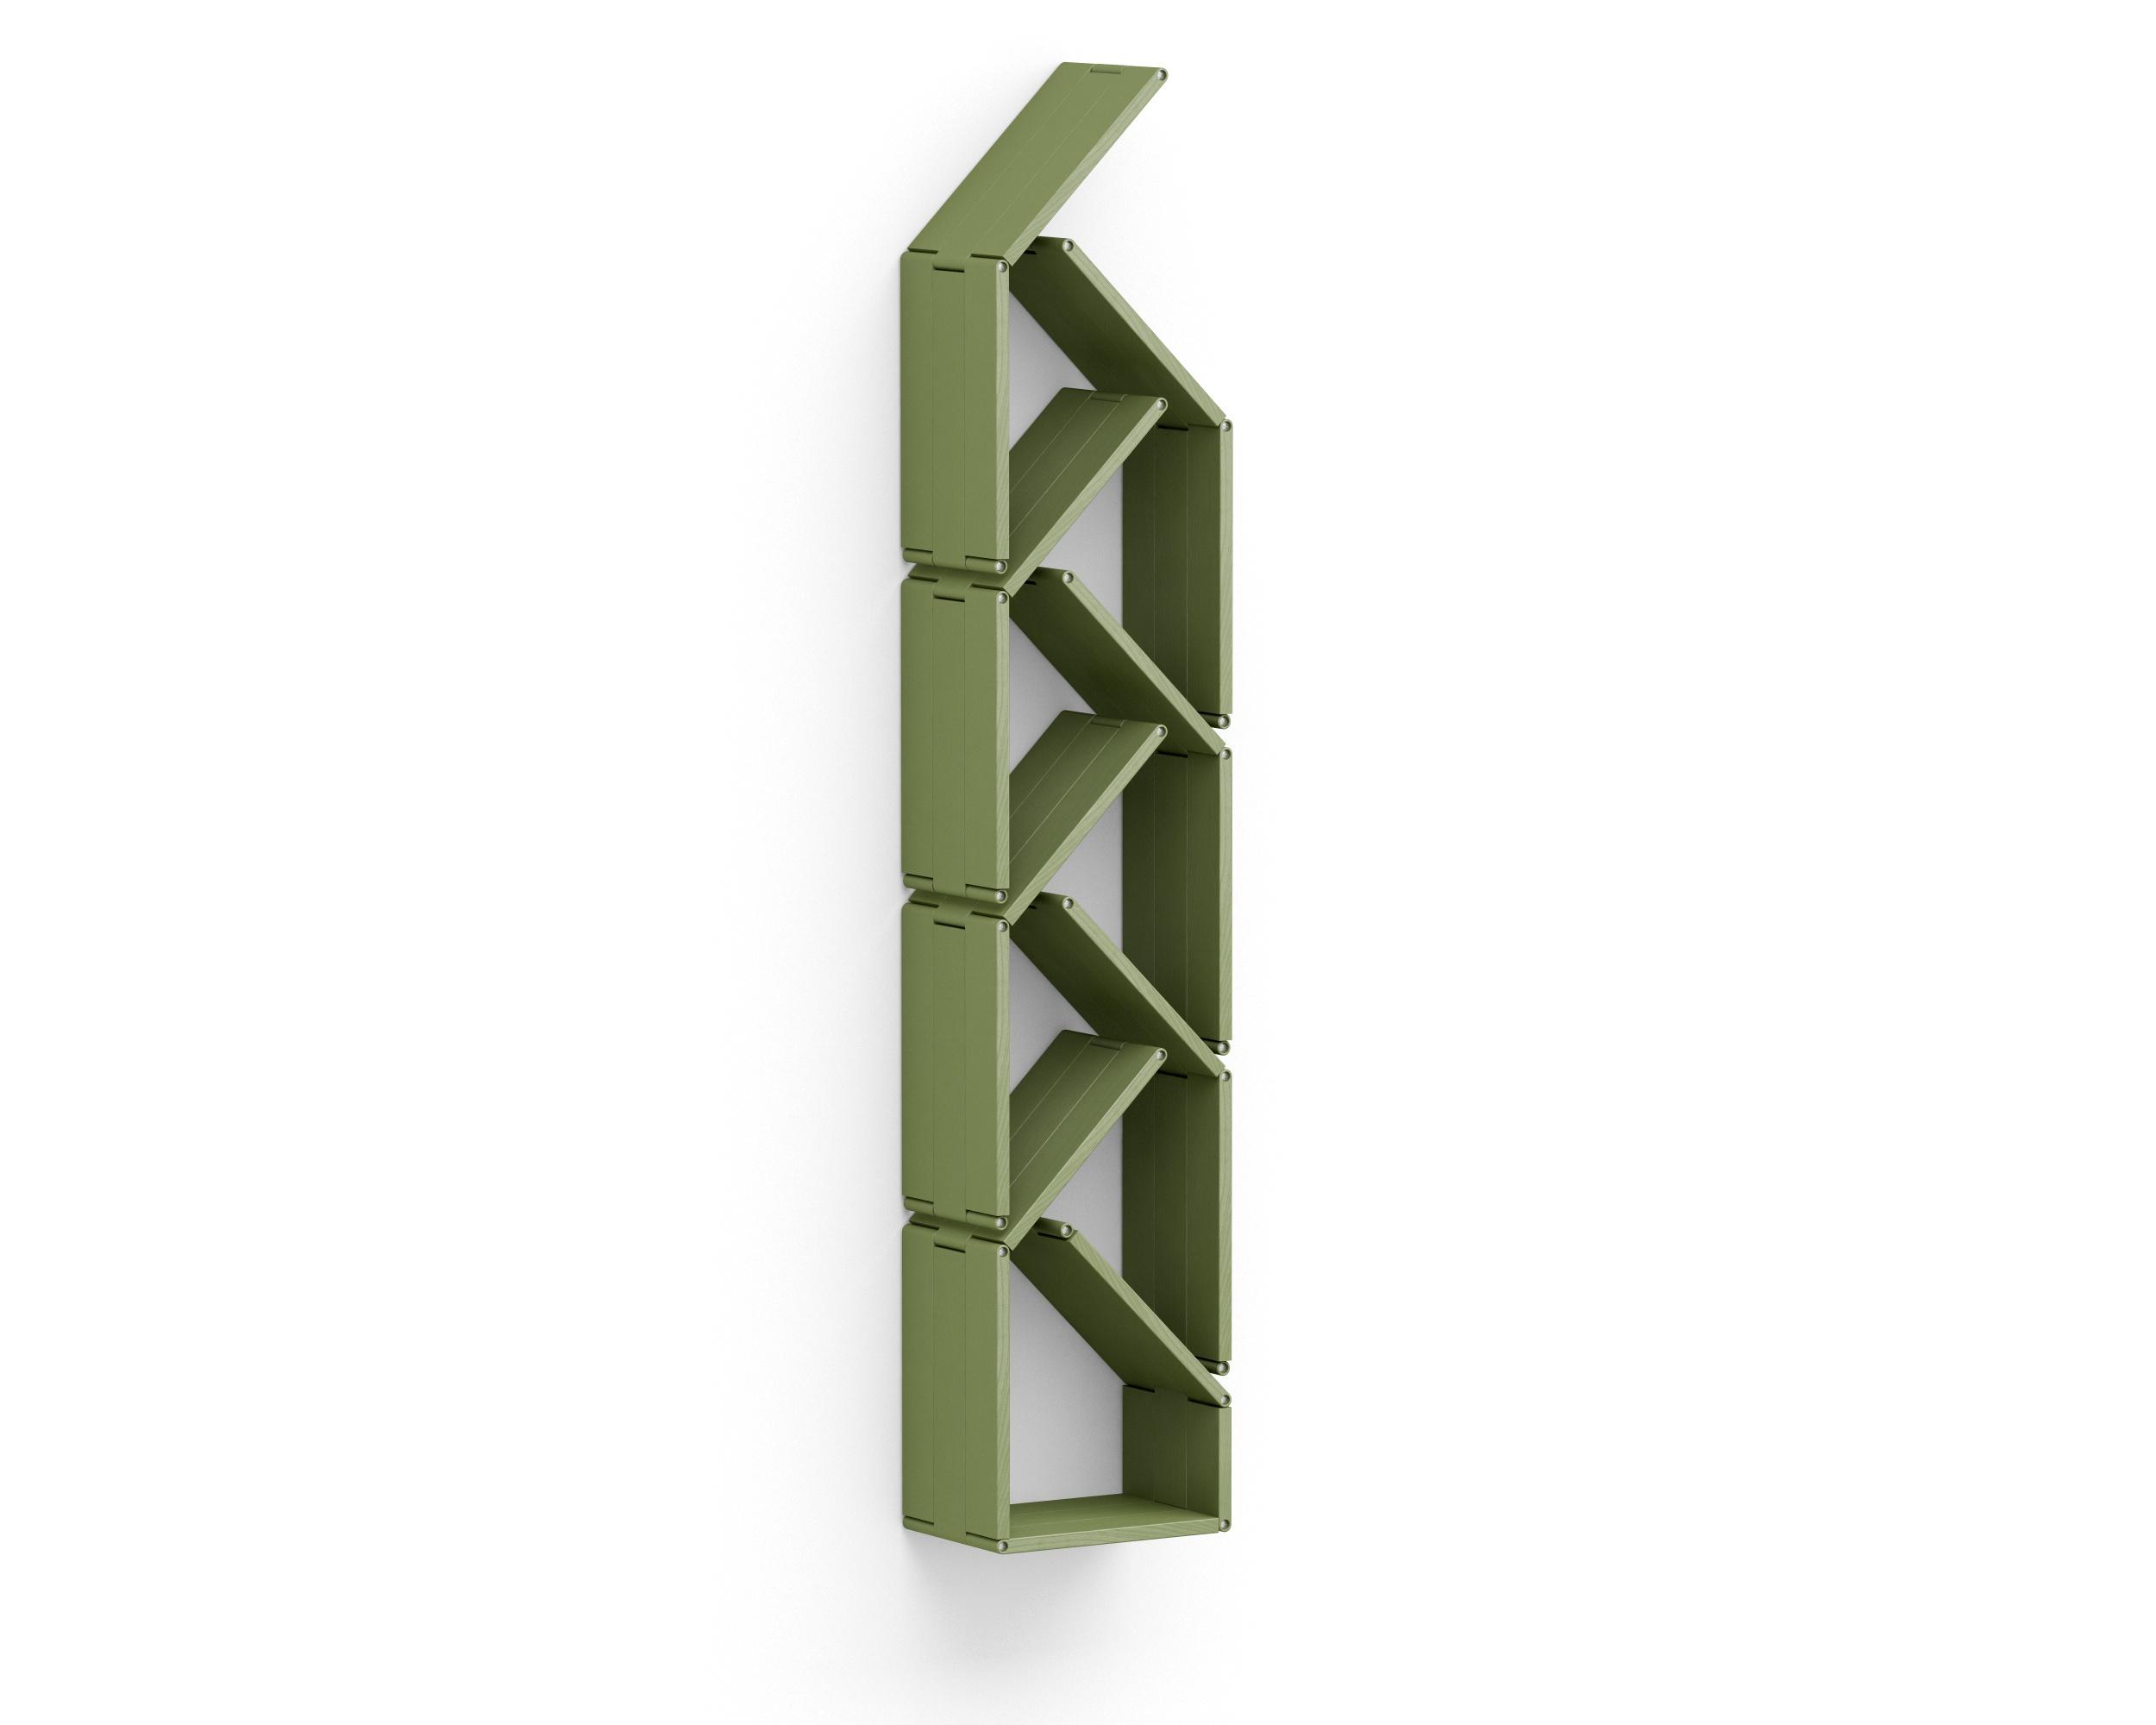 Полка-конструктор Flex Shelf 90Полки<br>цвет: натуральный ясень, красный, оранжевый, зеленый, голубой, сиреневый, белый, черный<br><br>Material: Ясень<br>Width см: 32<br>Depth см: 176<br>Height см: 22